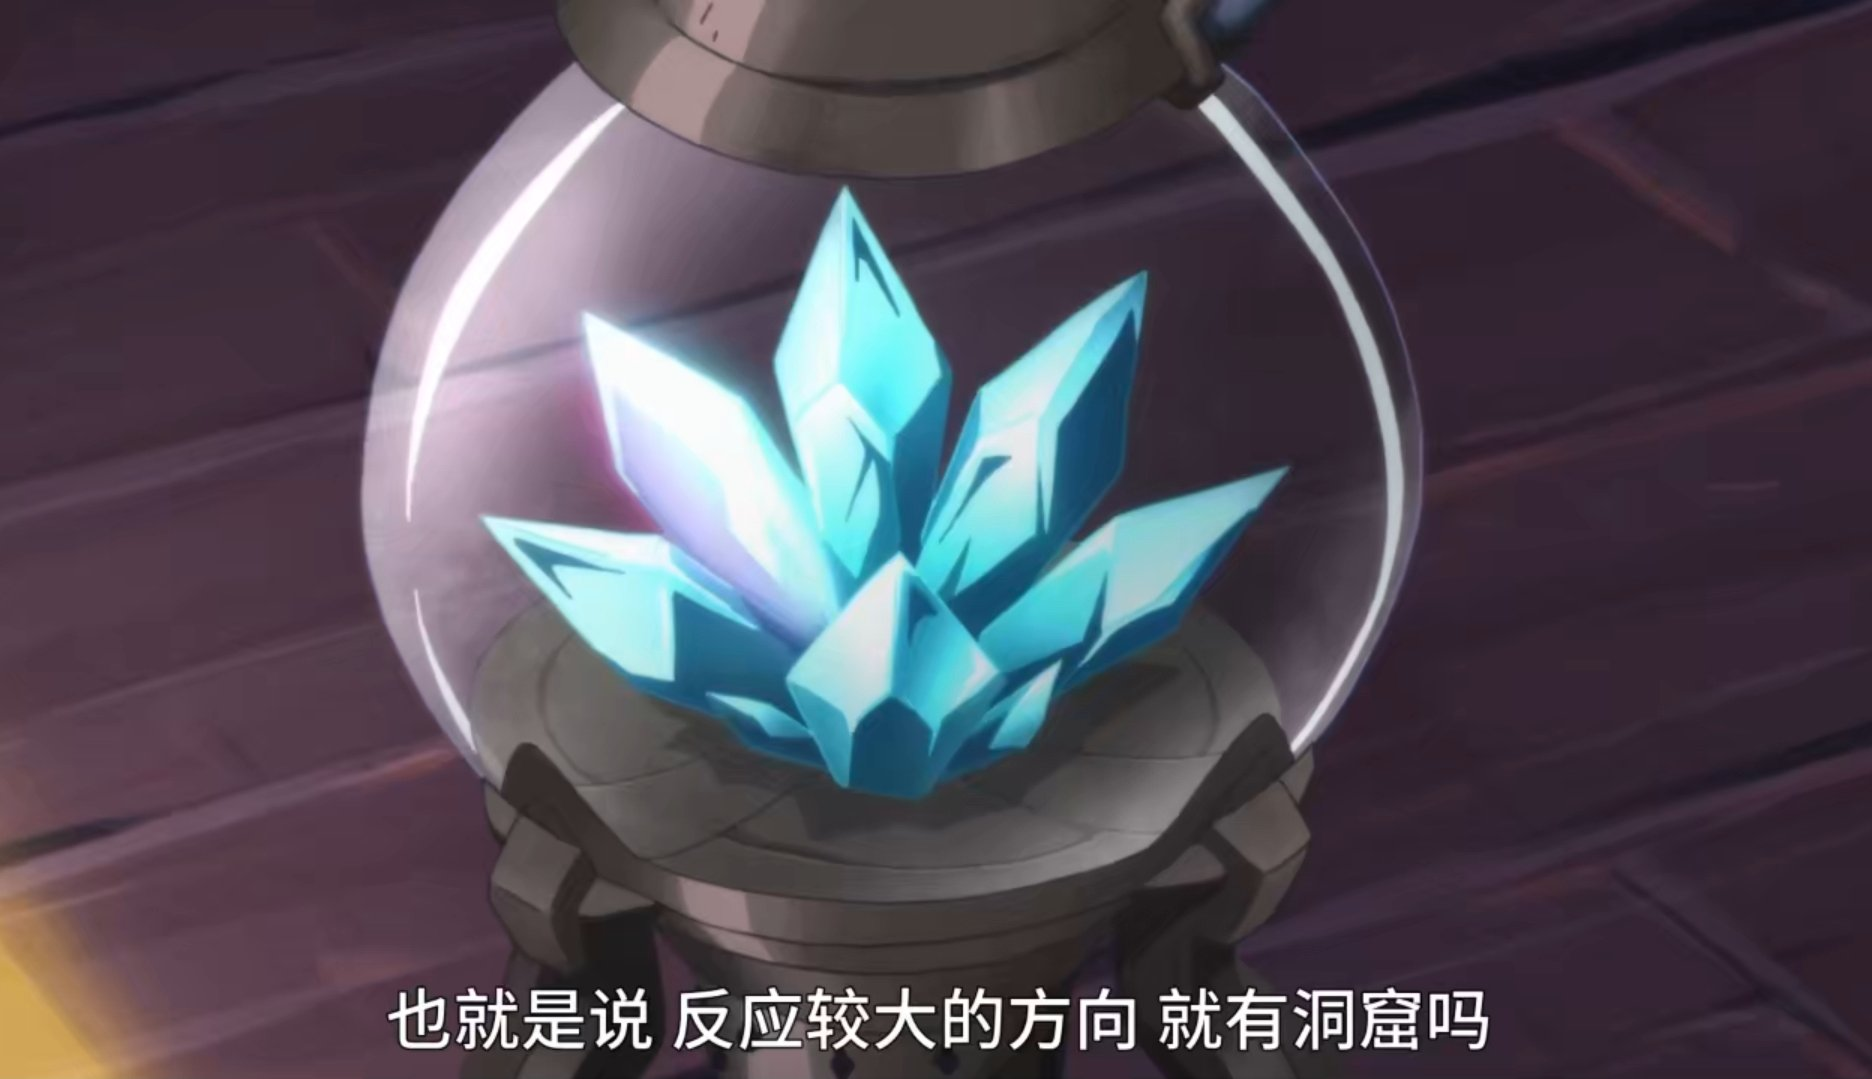 【动漫资源】索玛丽与森林之神(1080P)